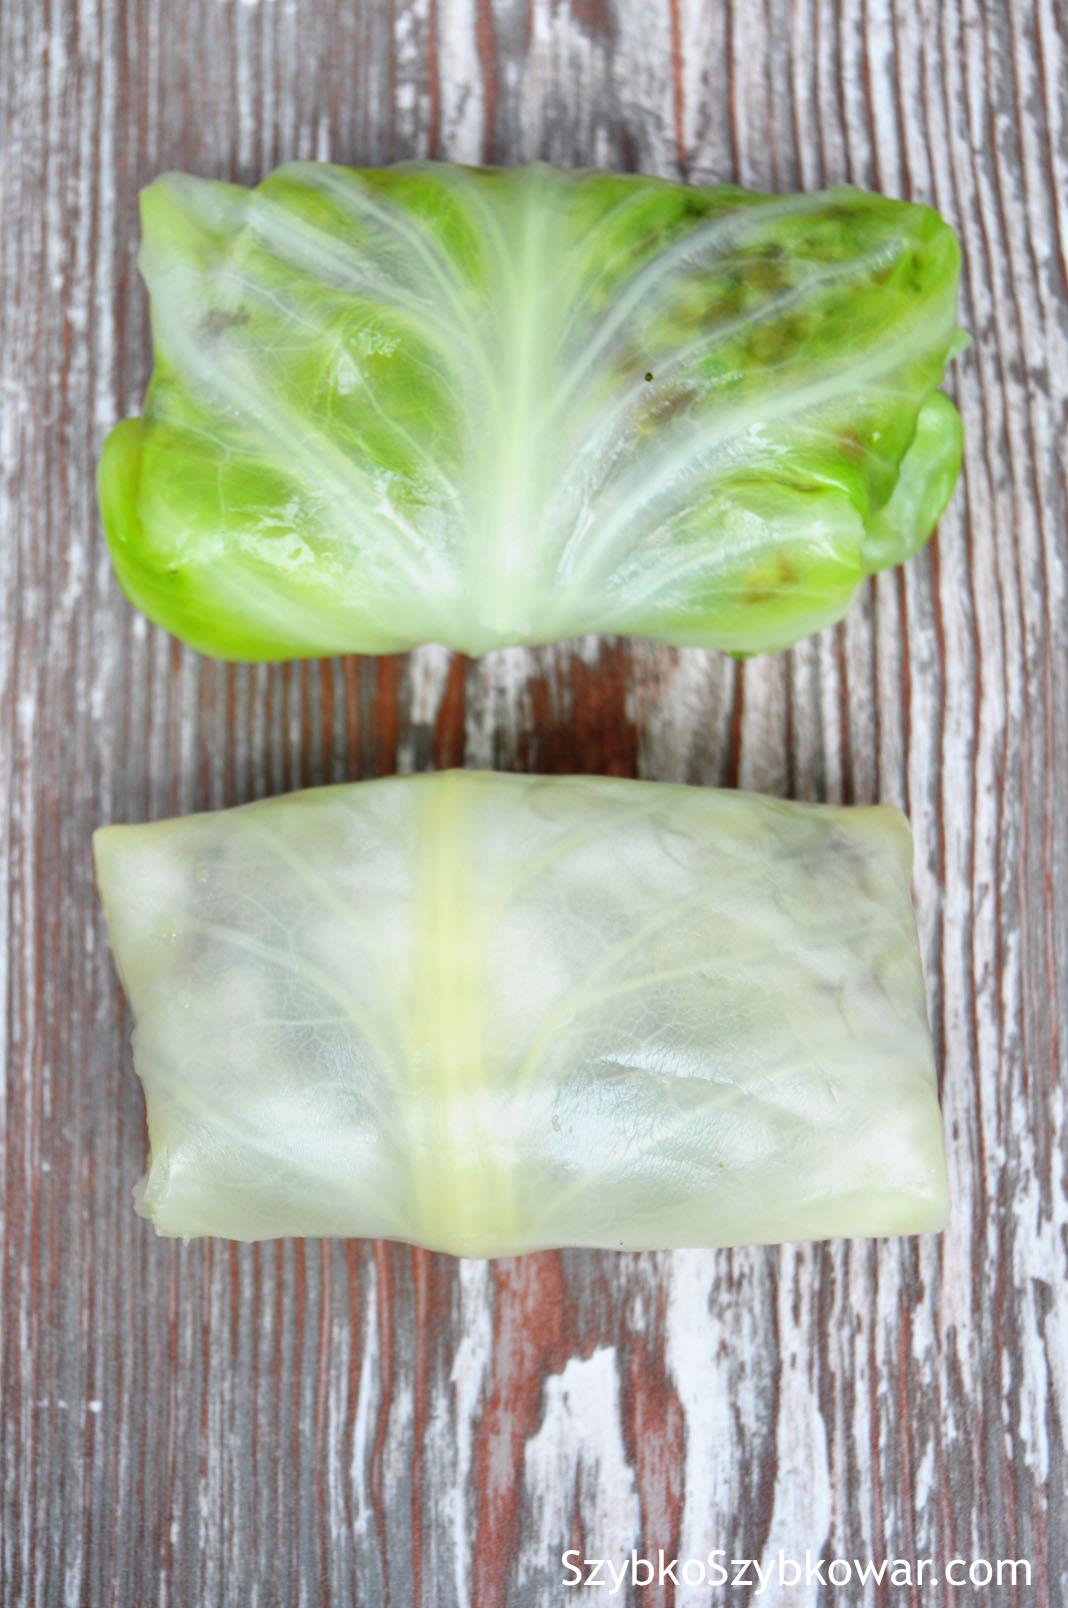 U góry: gołąbek z liścia kapusty młodej przed gotowaniem, na dole: gołąbek z liścia kapusty późnej przed gotowaniem.